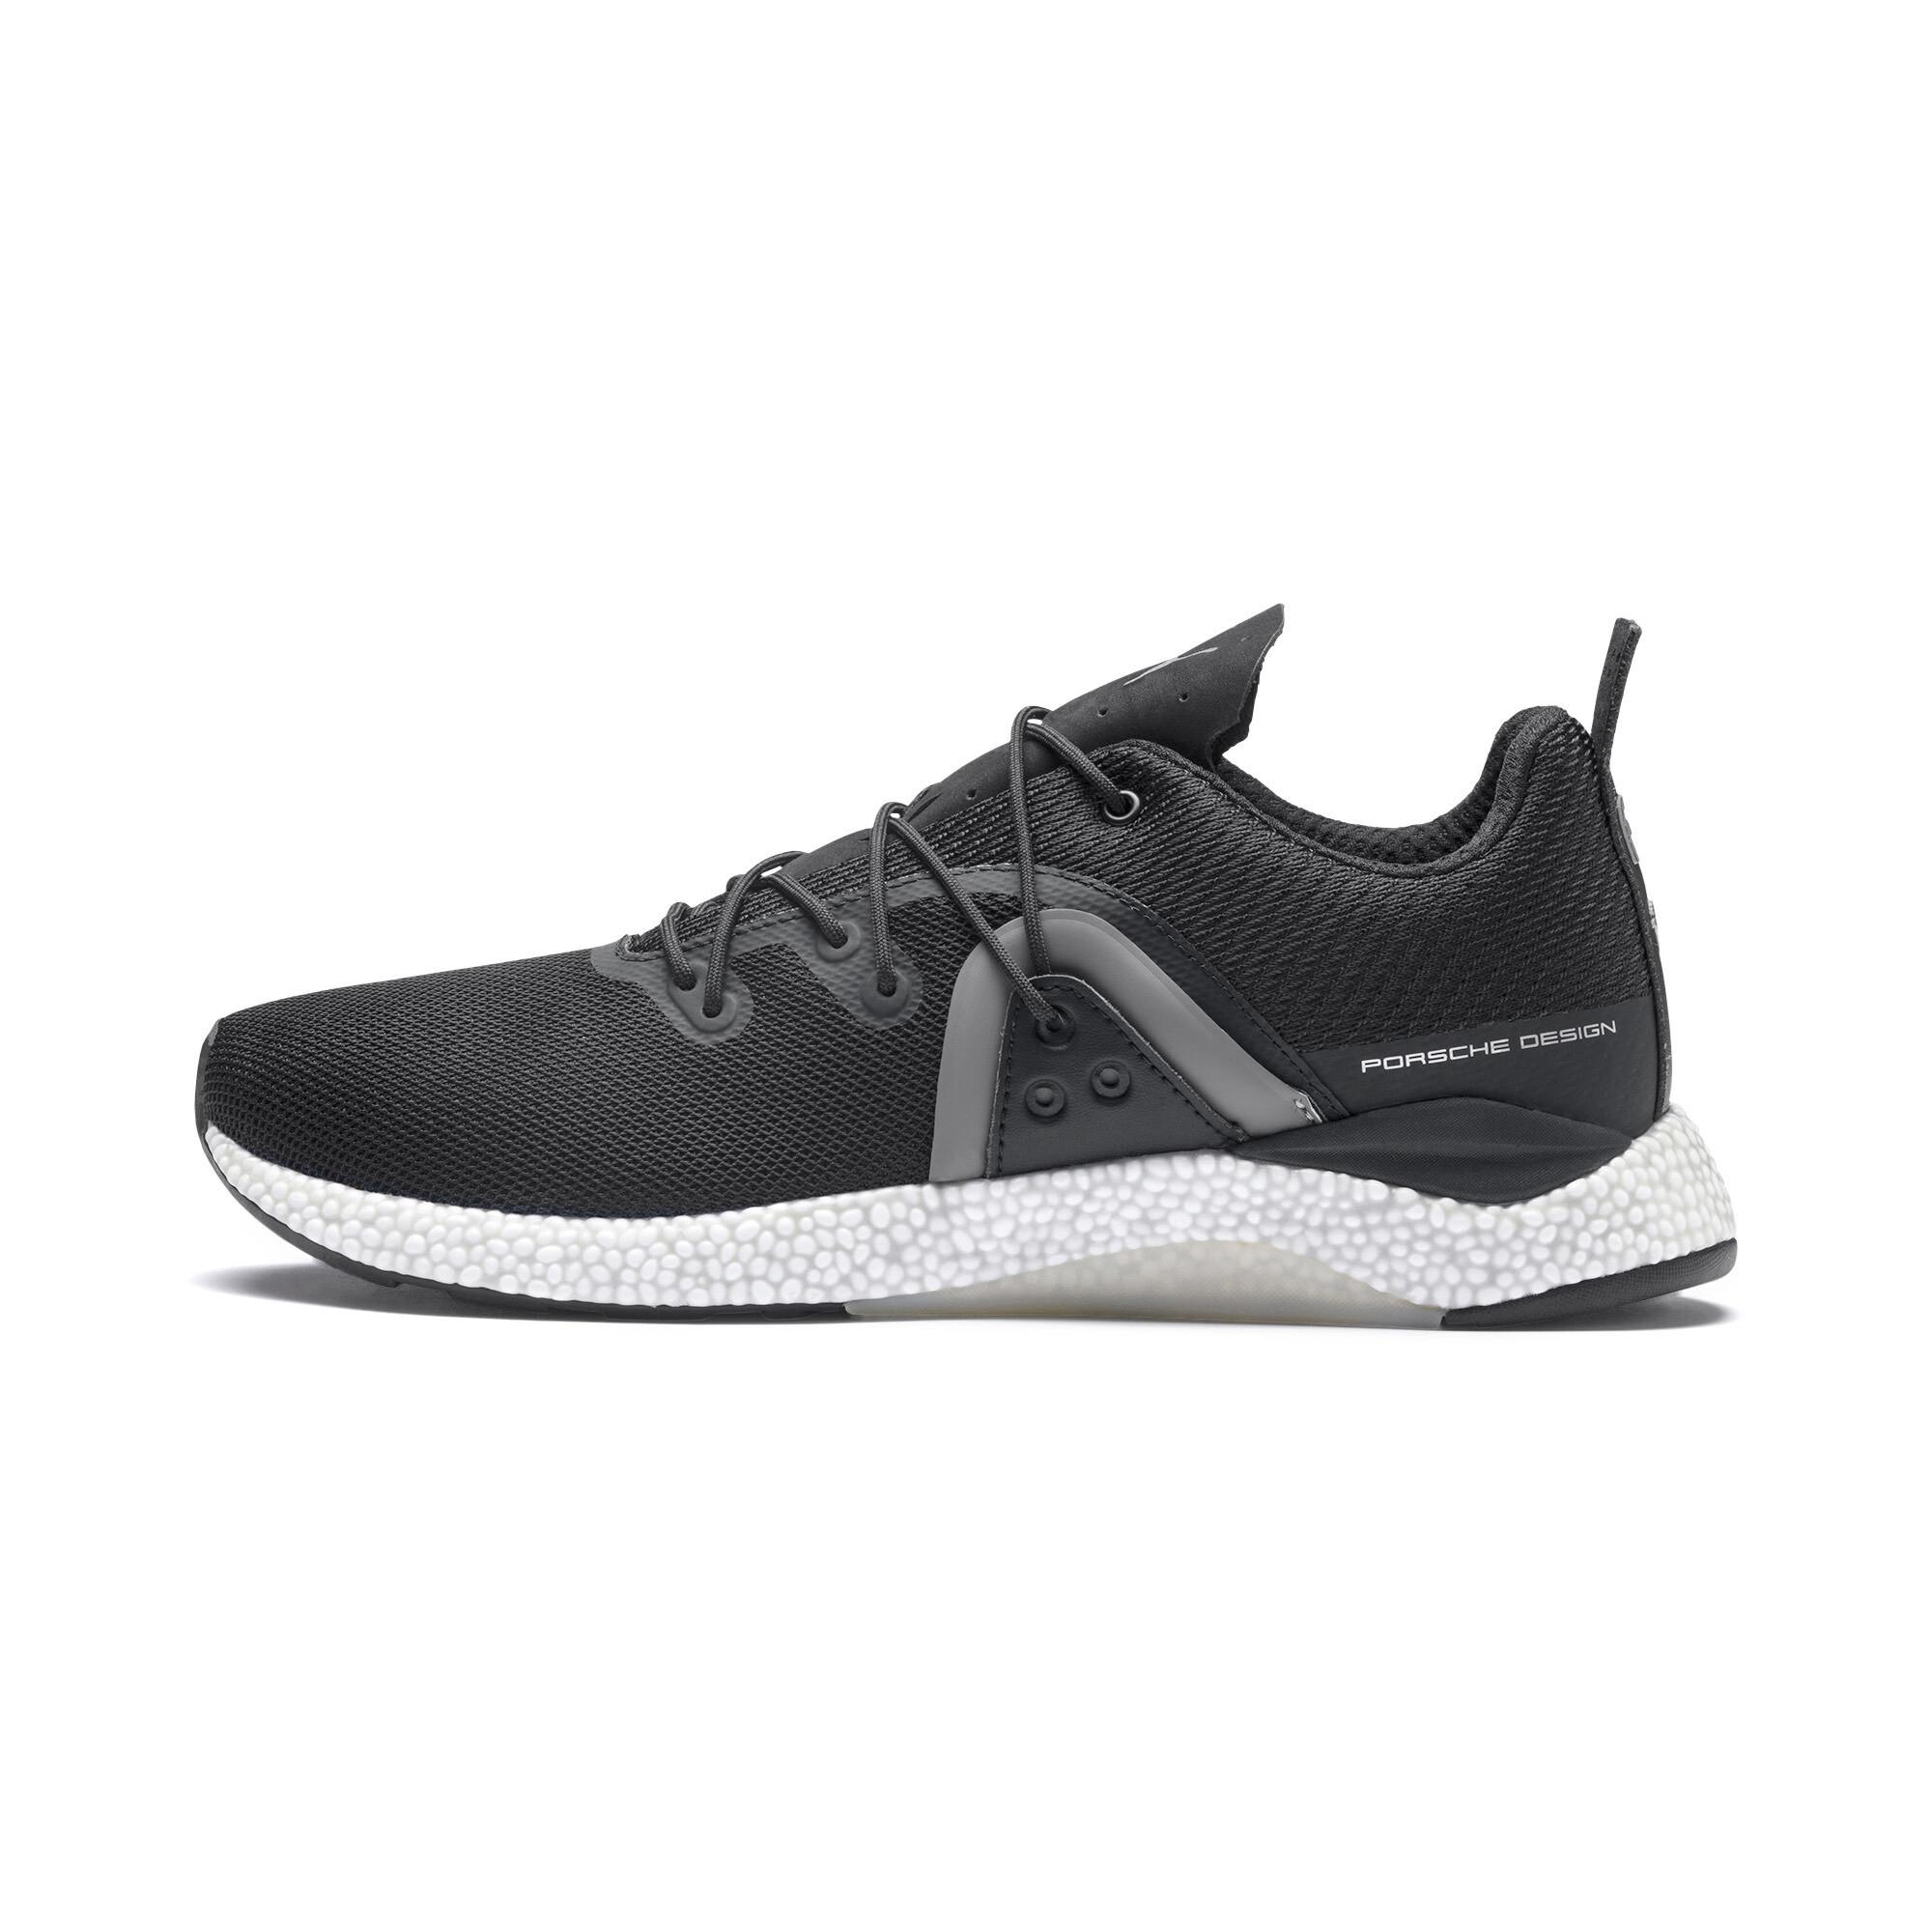 2399170b Мужские кроссовки - купить в интернет-магазине PUMA | Москва